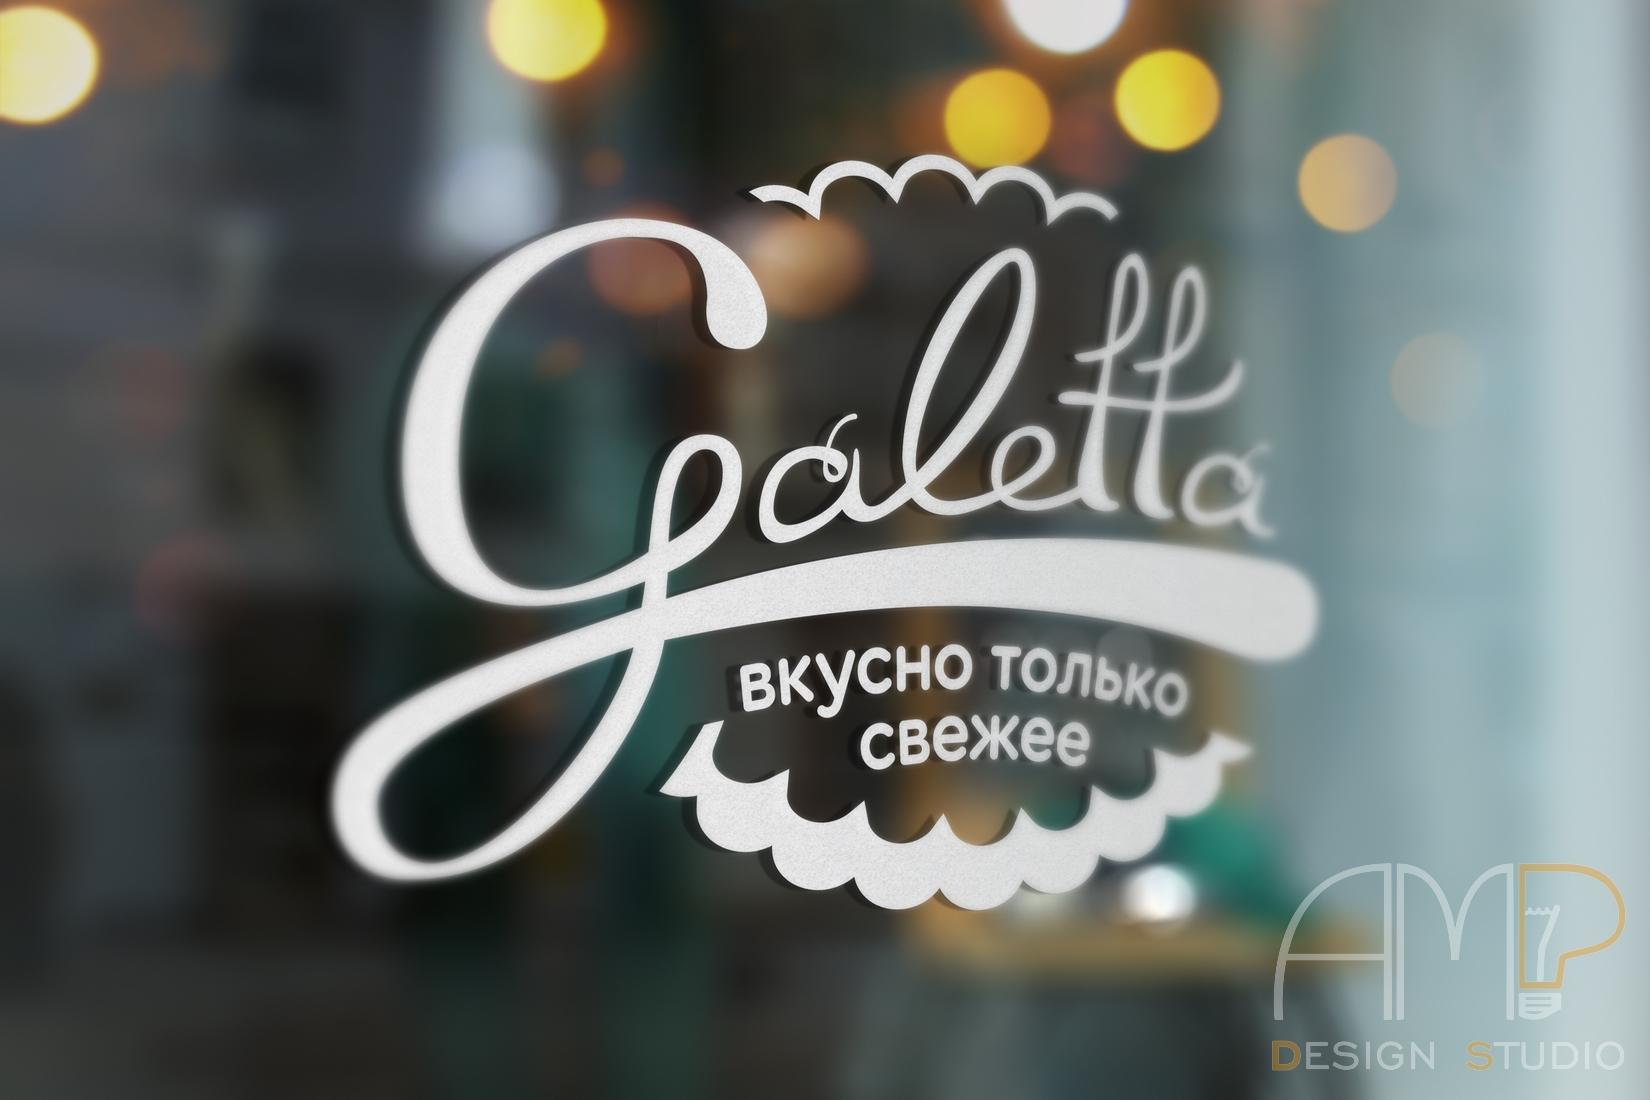 Galetta logo 2